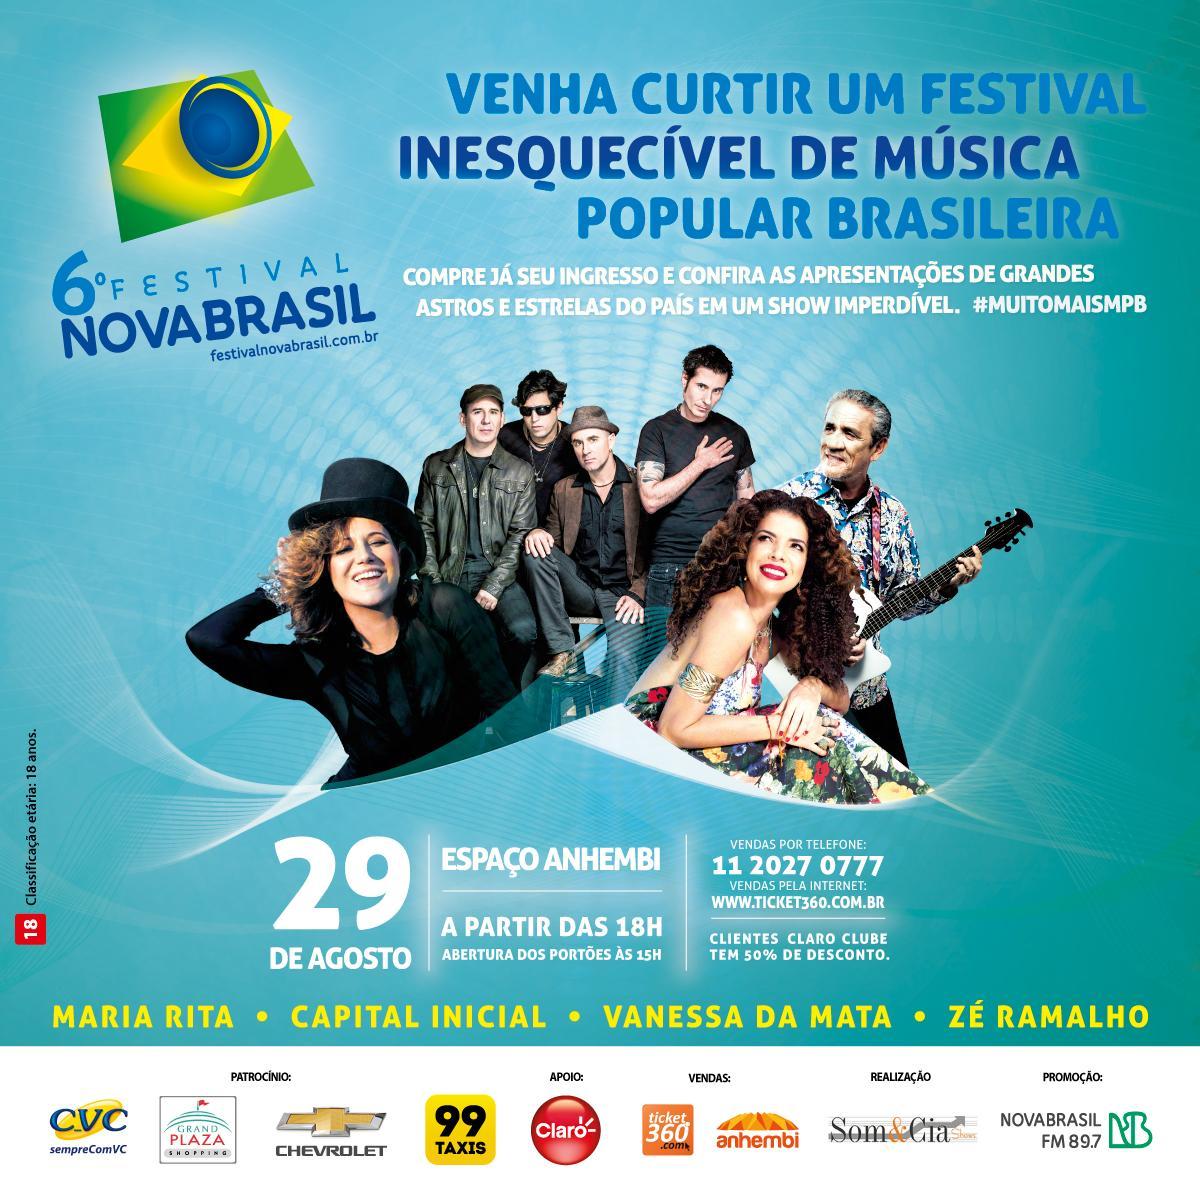 Dê RT e concorra a ingressos para o 6º Festival NOVABRASIL. Iremos sortear 15 pares por pessoa. *Válido p/ São Paulo. http://t.co/TZXOqkrtsB